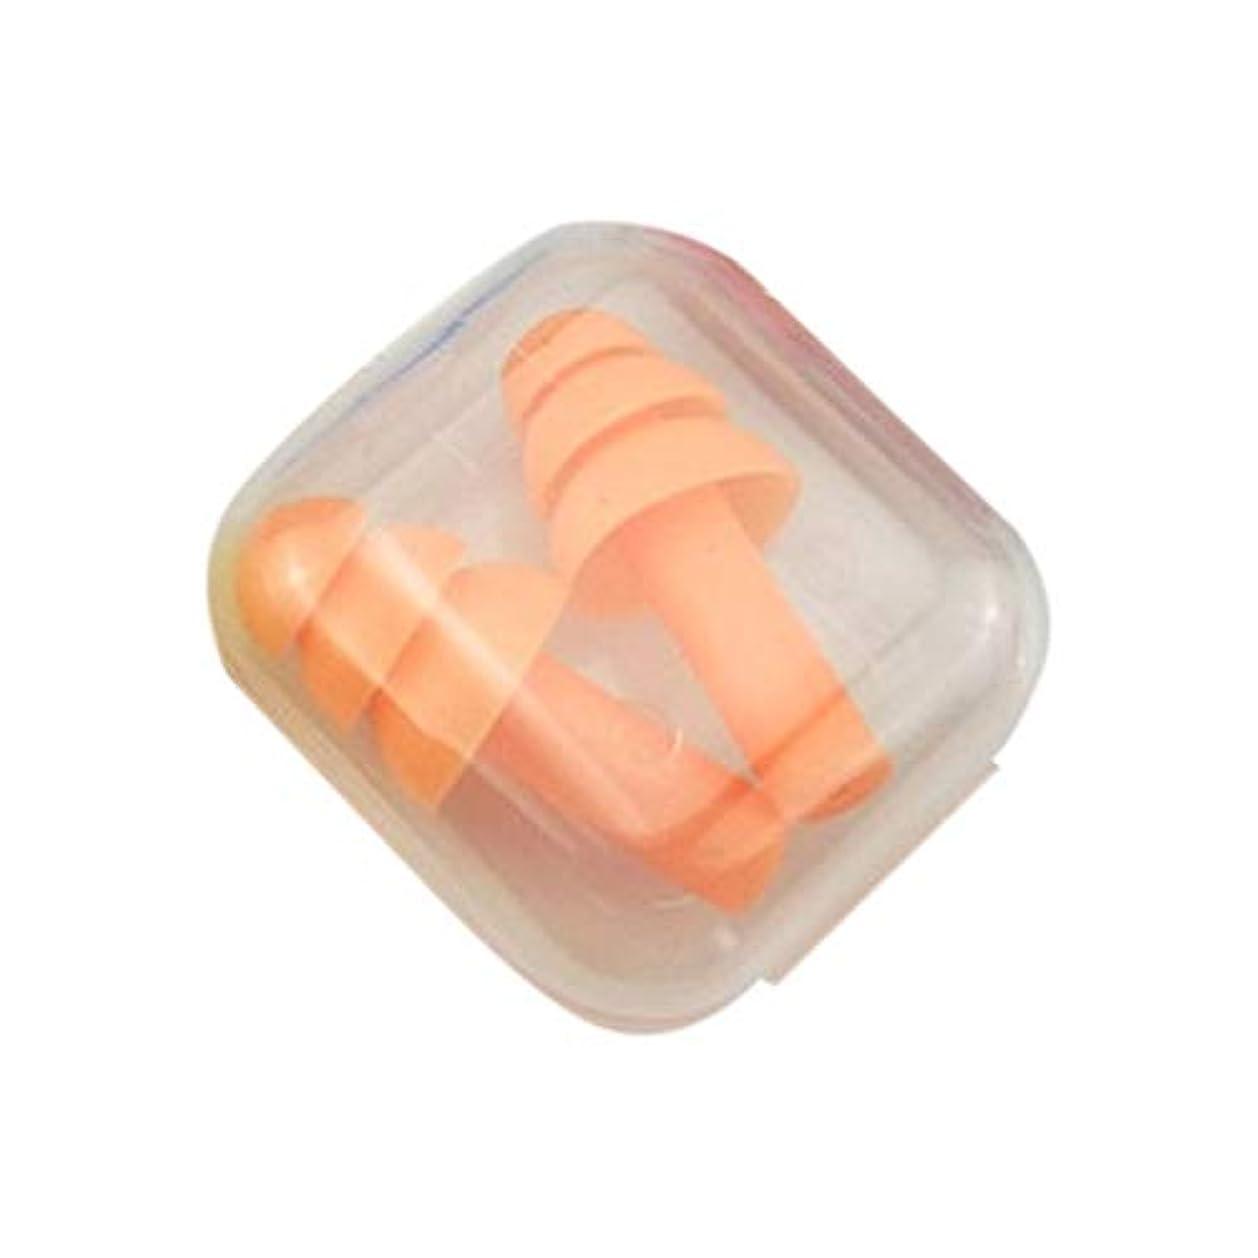 熱心全国祭司柔らかいシリコーンの耳栓遮音用耳の保護用の耳栓防音睡眠ボックス付き収納ボックス - オレンジ